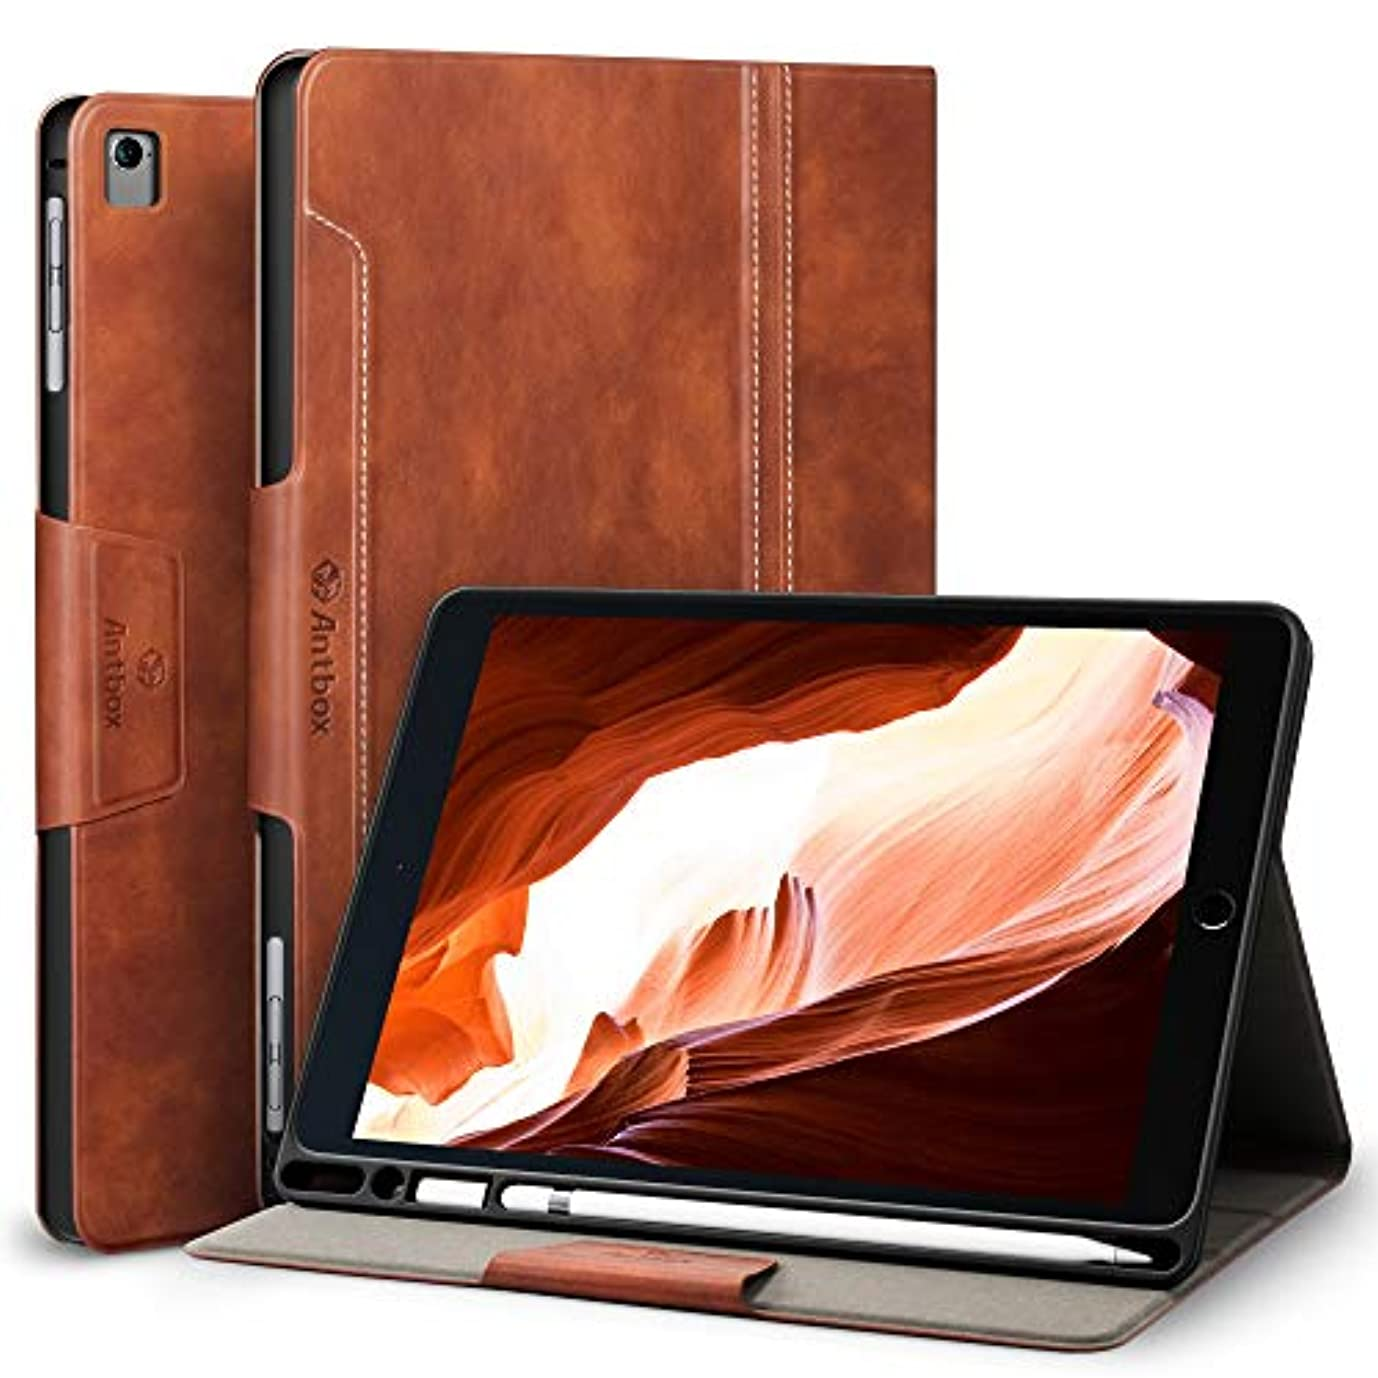 影のあるパラシュート住居iPad Air2 ケース/iPad Air ケース/iPad Pro 9.7 ケース 高級PUレザー、アップルペンシル収納可能、オートスリープ&スタンド機能付き、ひび割れ防止 スマートケース カバー、Apple iPad Air 2/Air/Pro 9.7など9.7 inch タブレット兼用手帳型保護カバー (ブラウン)